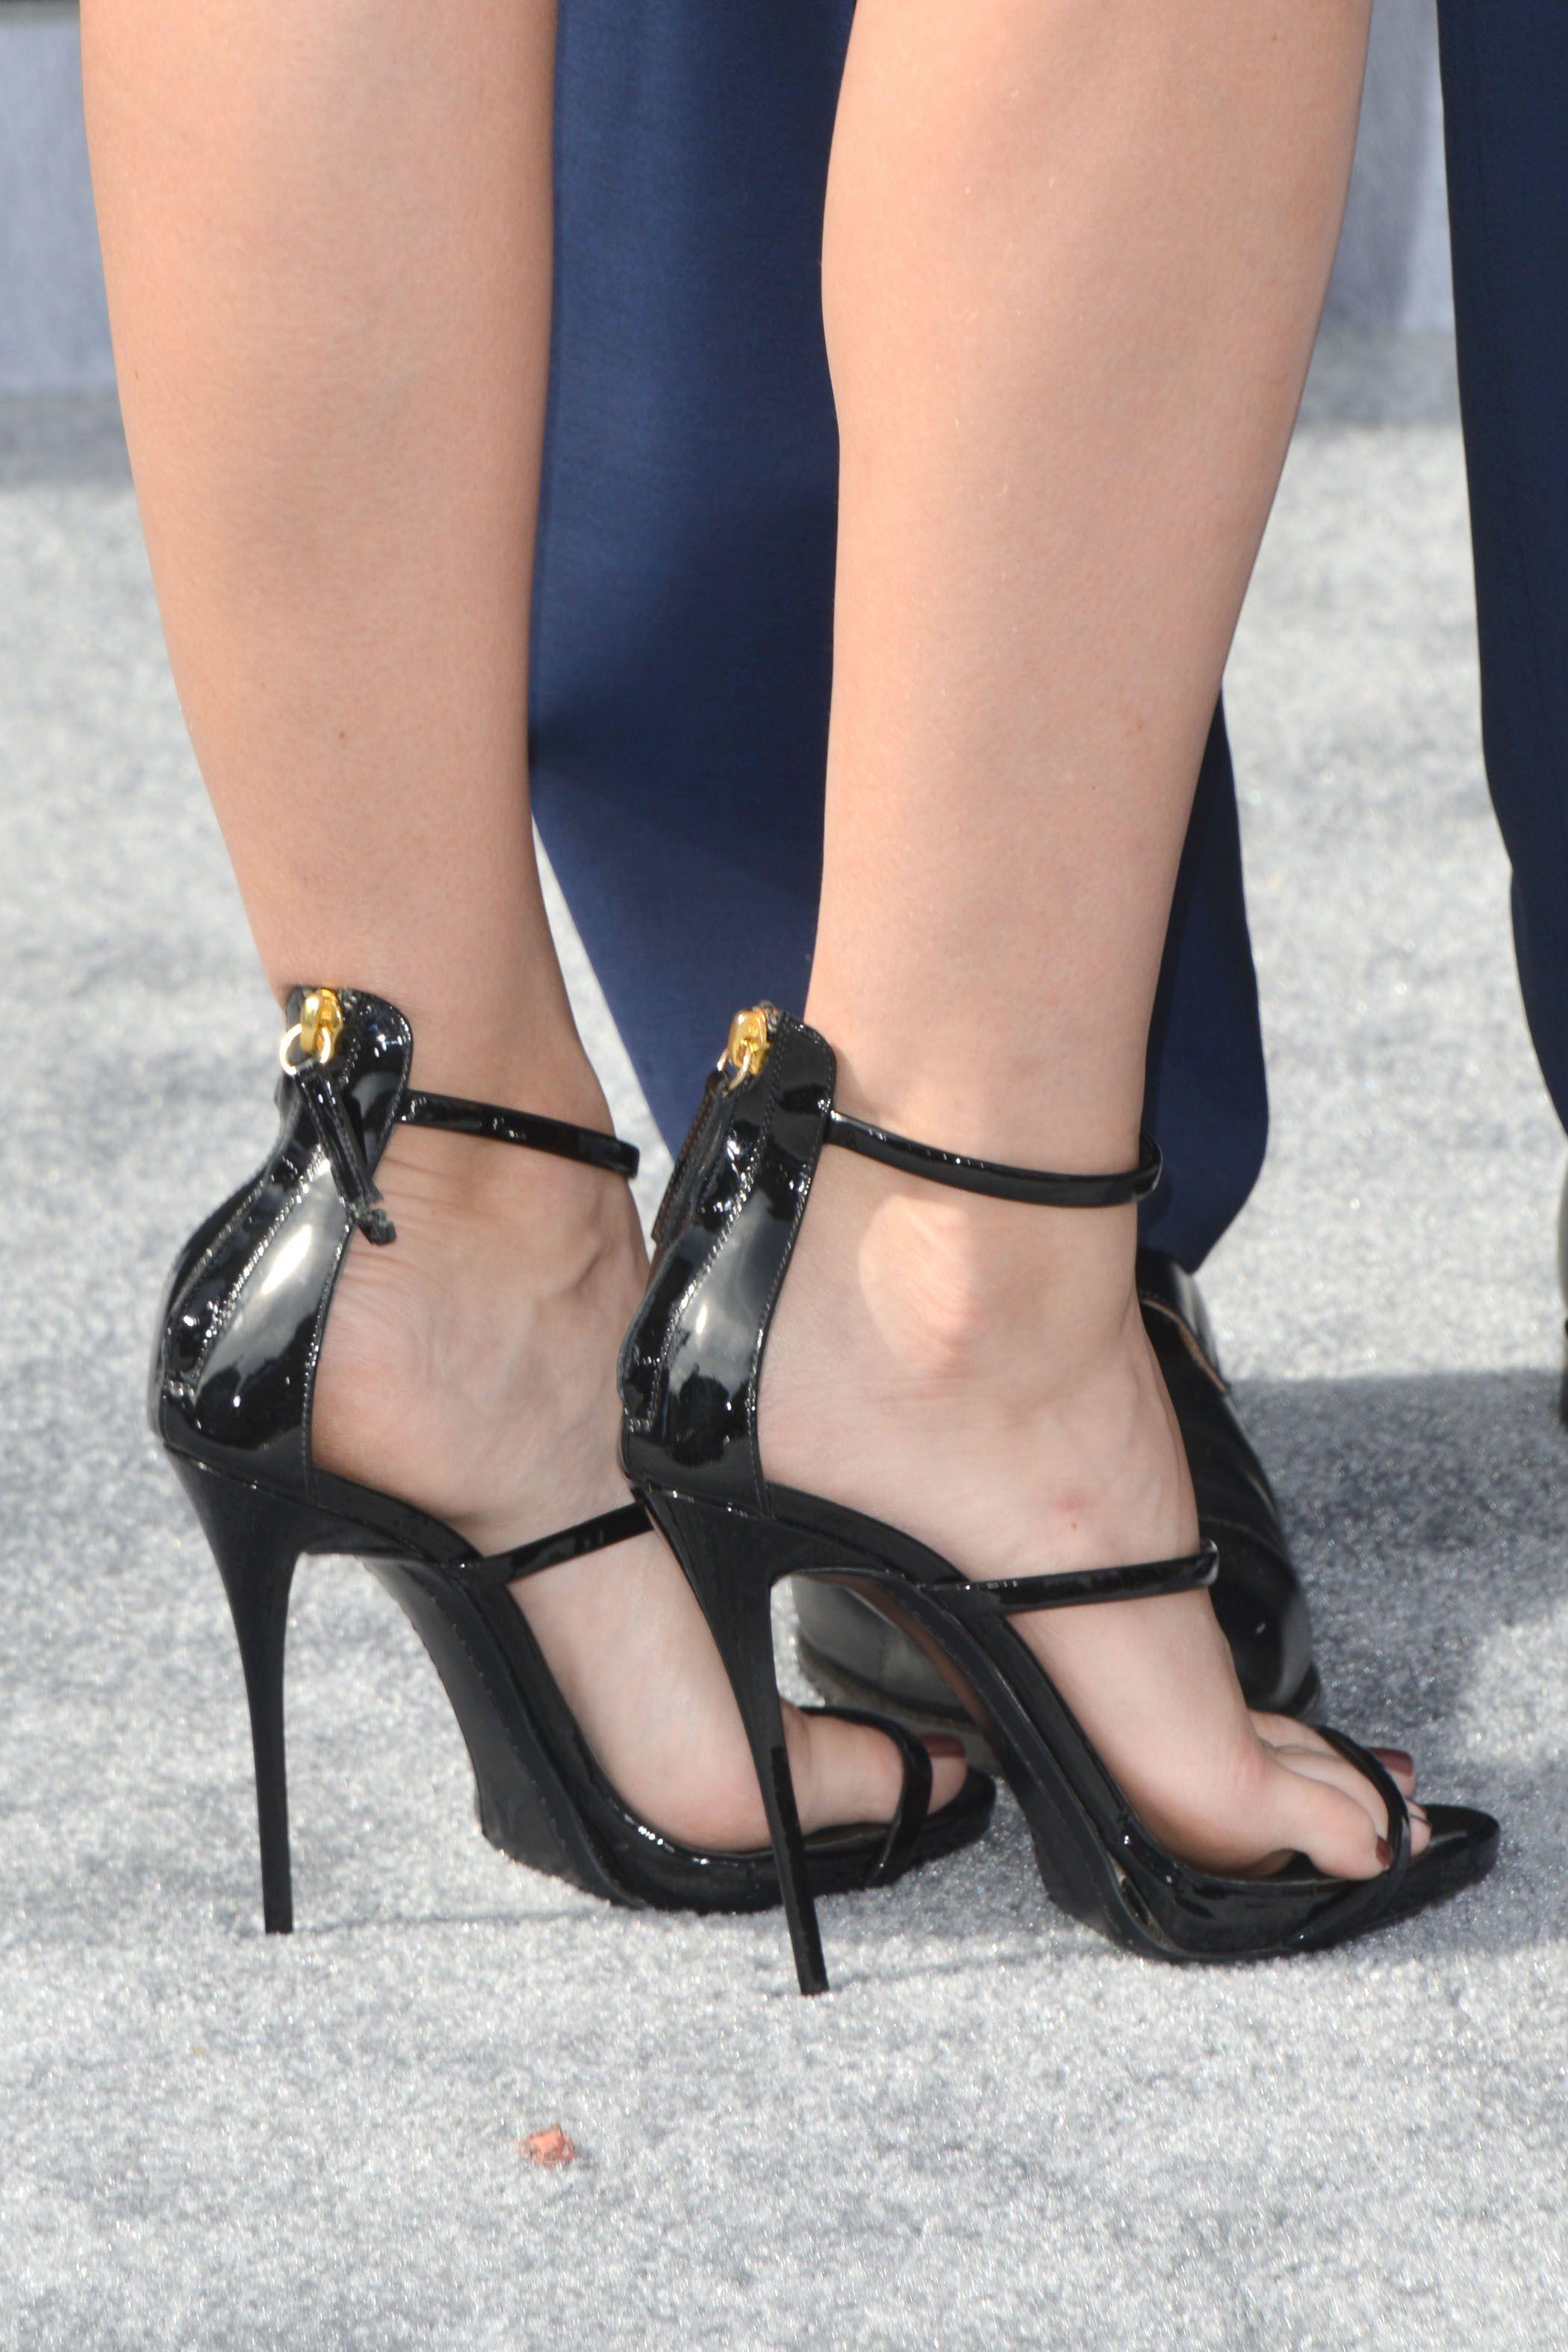 Britney beth feet